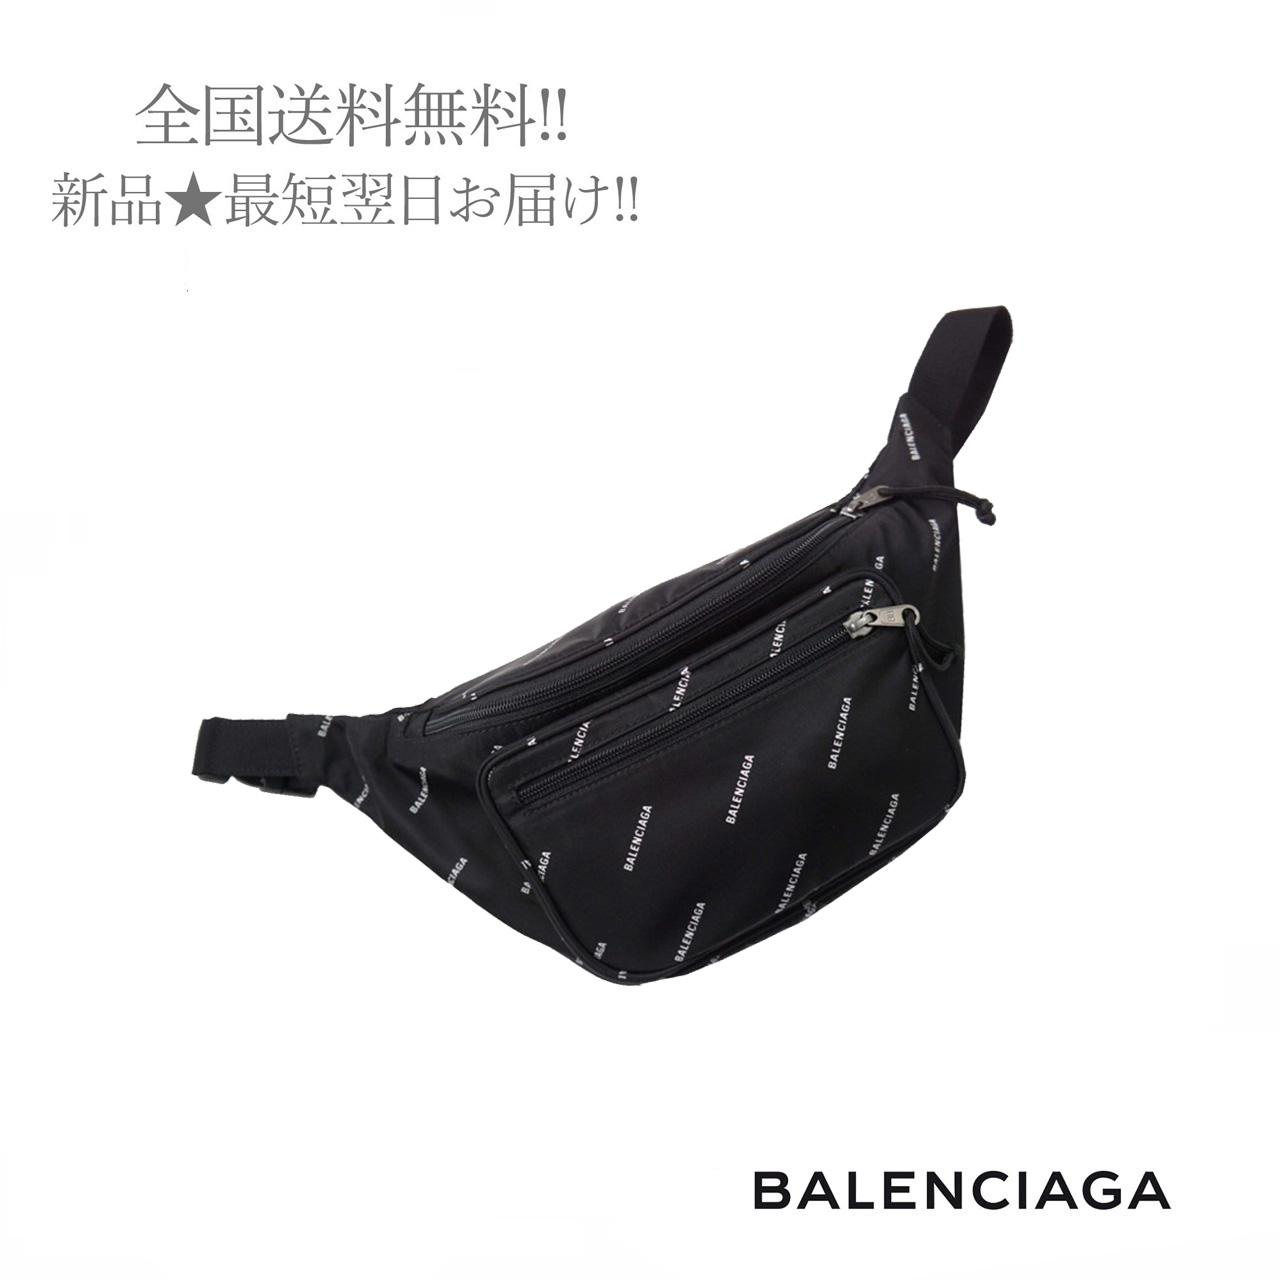 BALENCIAGA バレンシアガ ベルトバッグ デポー 流行 ショルダーバッグ エクスプローラー Logos ロゴ 男 ブラック メンズ イタリア製 1060 新品